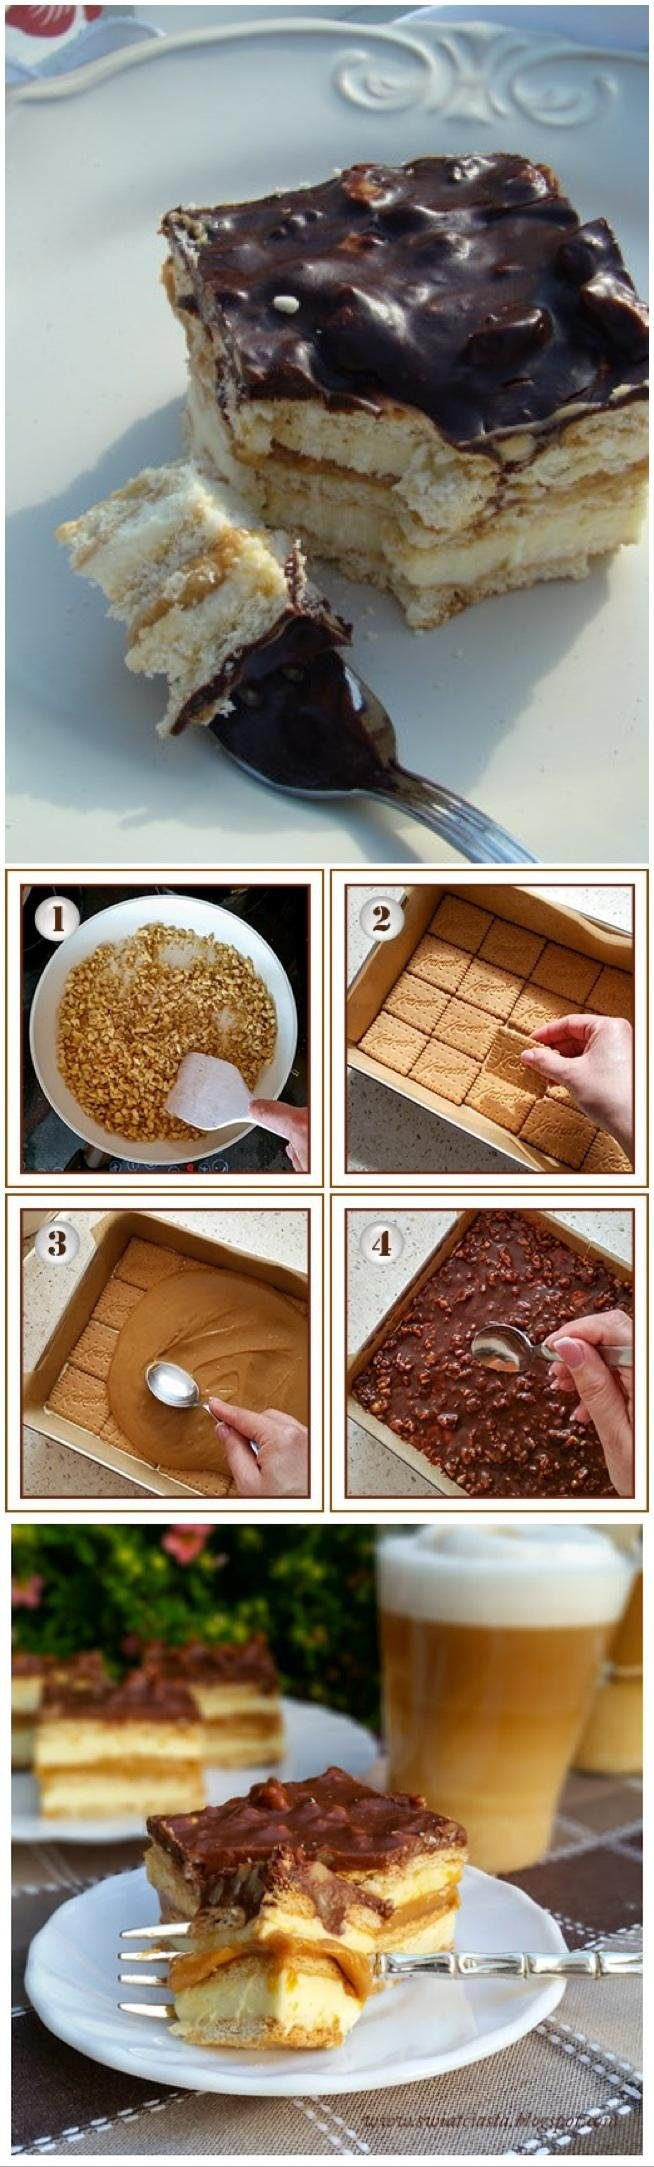 MAXI KING CIASTO   SKLADNIKI:  ok. 400 g herbatników,  1 puszka gotowego masy krówkowej (lub mleka skondensowanego słodzonego gotowanego przez 2,5 - 3 godziny)  SKLADNIKI MASY MLECZNEJ:  1,5 kostki miękkiego masła,  1 szklanka mleka,  3/4 szklanki cukru,  2 łyżeczki cukru waniliowego,  400 - 500 g mleka w proszku  SKLADNIKI POLEWY;  2 czekolady gorzkie,  1/2 szklanki kremówki,  150 g orzechów laskowych (ew. ziemnych)   WYKONANIE  Orzeszki posiekać i podprażyć na suchej patelni (fot.1).  Blachę wyłożyć papierem do pieczenia.  Położyć pierwszą warstwę herbatników (fot.2).  Szklankę mleka, cukier i cukier waniliowy zagotować i odstawić do ostygnięcia.  Masło utrzeć na gładką i puszystą masę, a następnie dodać mleko i mleko w proszku (wedle uznania od 3 do 4 szklanek).  Utrzeć.  Masę na chwilę odstawić do lodówki, żeby trochę zgęstniała.  Następnie połowę masy mlecznej wyłożyć na herbatniki i przykryć następną warstwą herbatników. Przygotować masę krówkową. Dobrze jest ją wcześniej podgrzać wkładając puszkę do garnka z wodą i chwilę pogotować. Będzie się lepiej rozprowadzać (fot.3).  Wyłożyć ją na herbatniki.  Bezpośrednio na masę krówkową rozprowadzić resztę masy mlecznej, a na nią warstwę herbatników.  Czekoladę roztopić w rondelku razem z mlekiem.  Kiedy się rozpuści, dodać orzeszki i polać nią wierzch ciasta (fot.4).  Całość schłodzić w lodówce przez minimum 3 godziny.